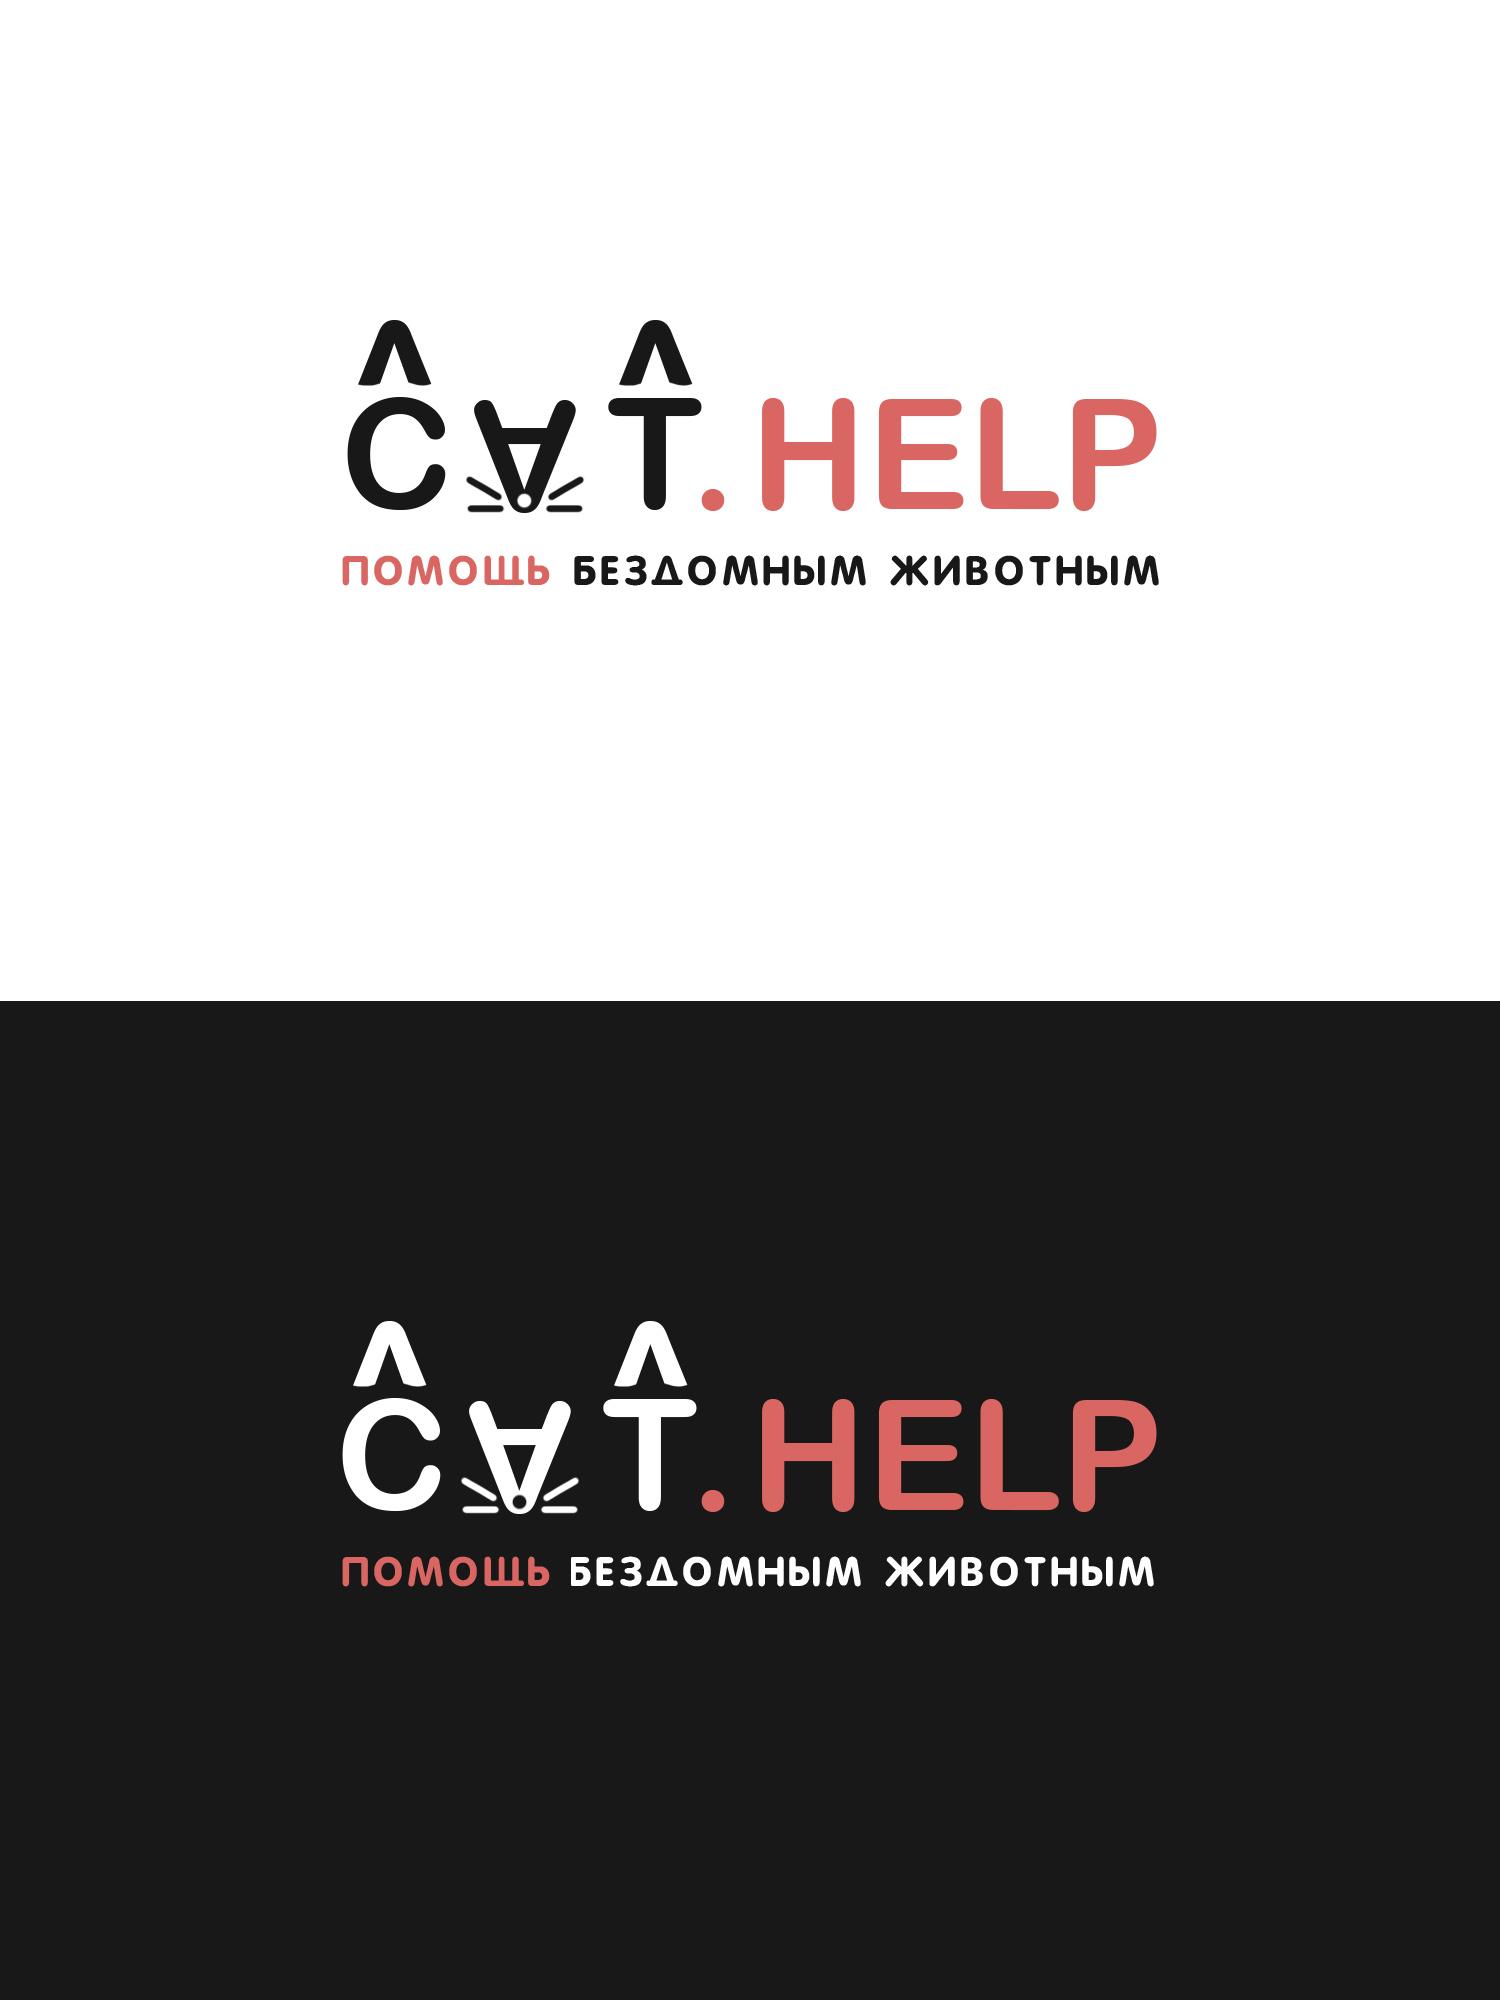 логотип для сайта и группы вк - cat.help фото f_22559da25a9d2409.jpg